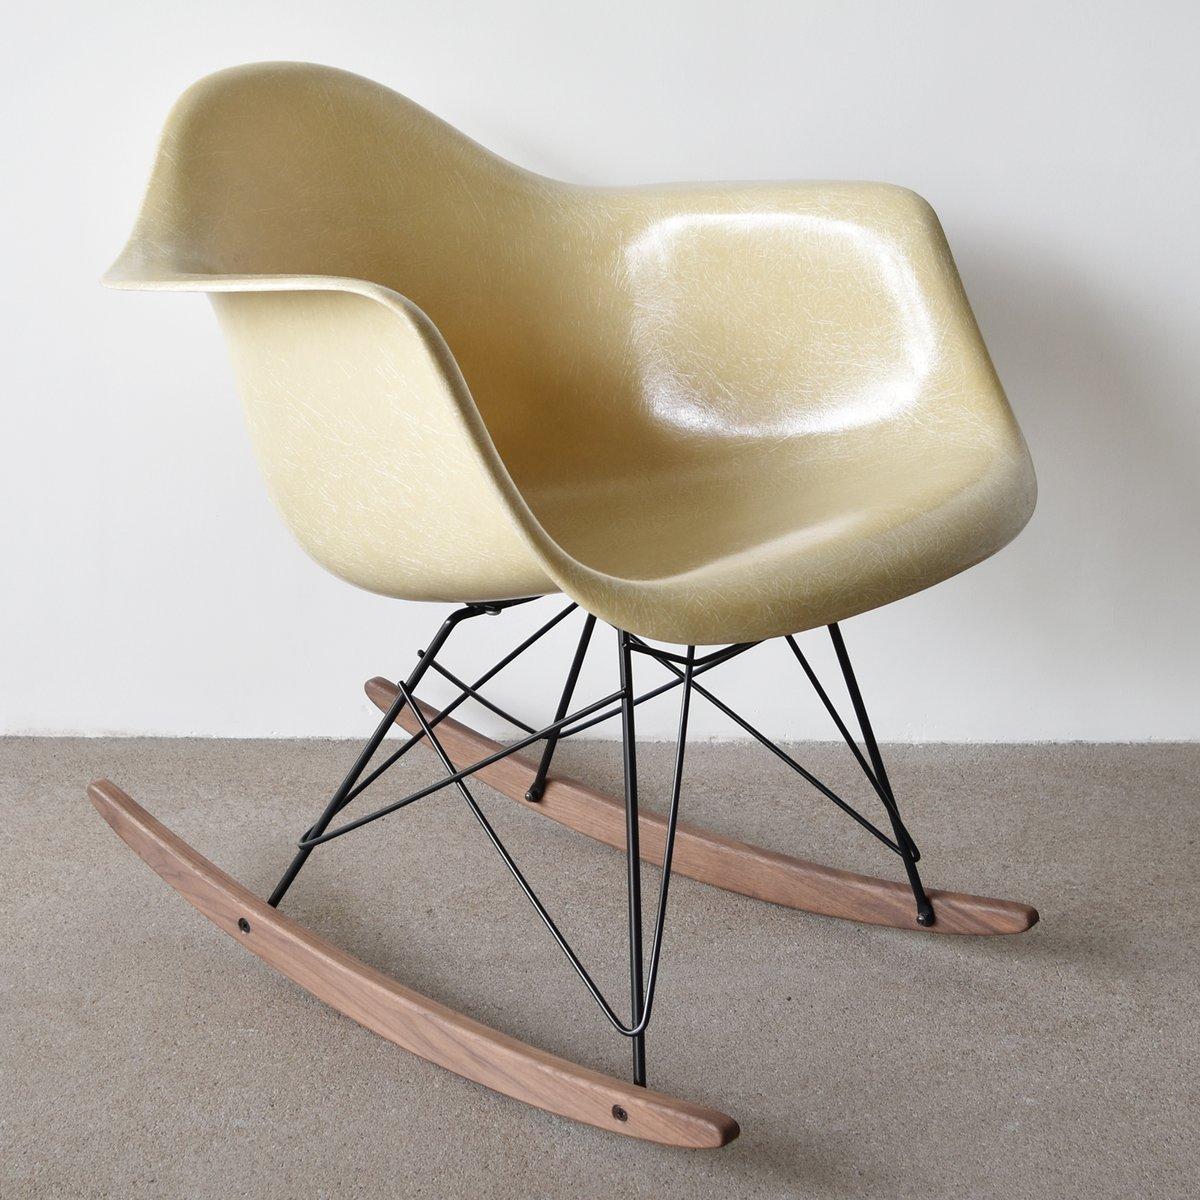 vintage eames chair herman miller vintage office chairs 100 vintage egg chair for sale best 25. Black Bedroom Furniture Sets. Home Design Ideas